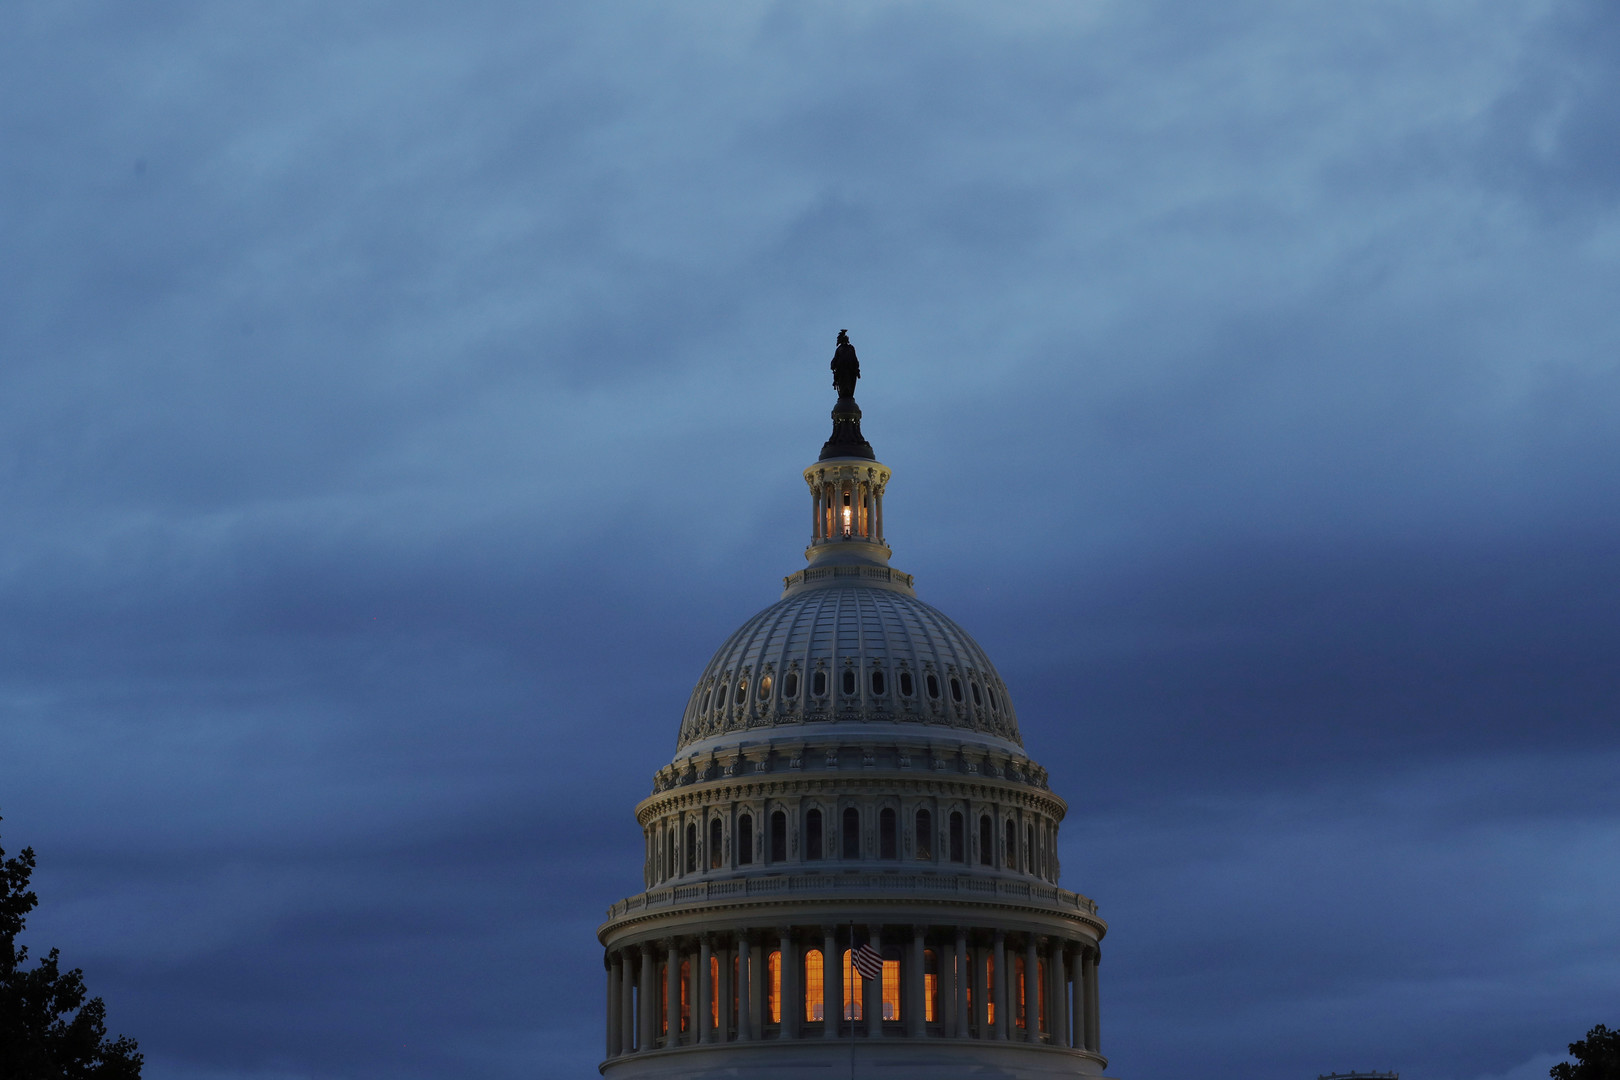 مقر الكونغرس الأمريكي في واشنطن